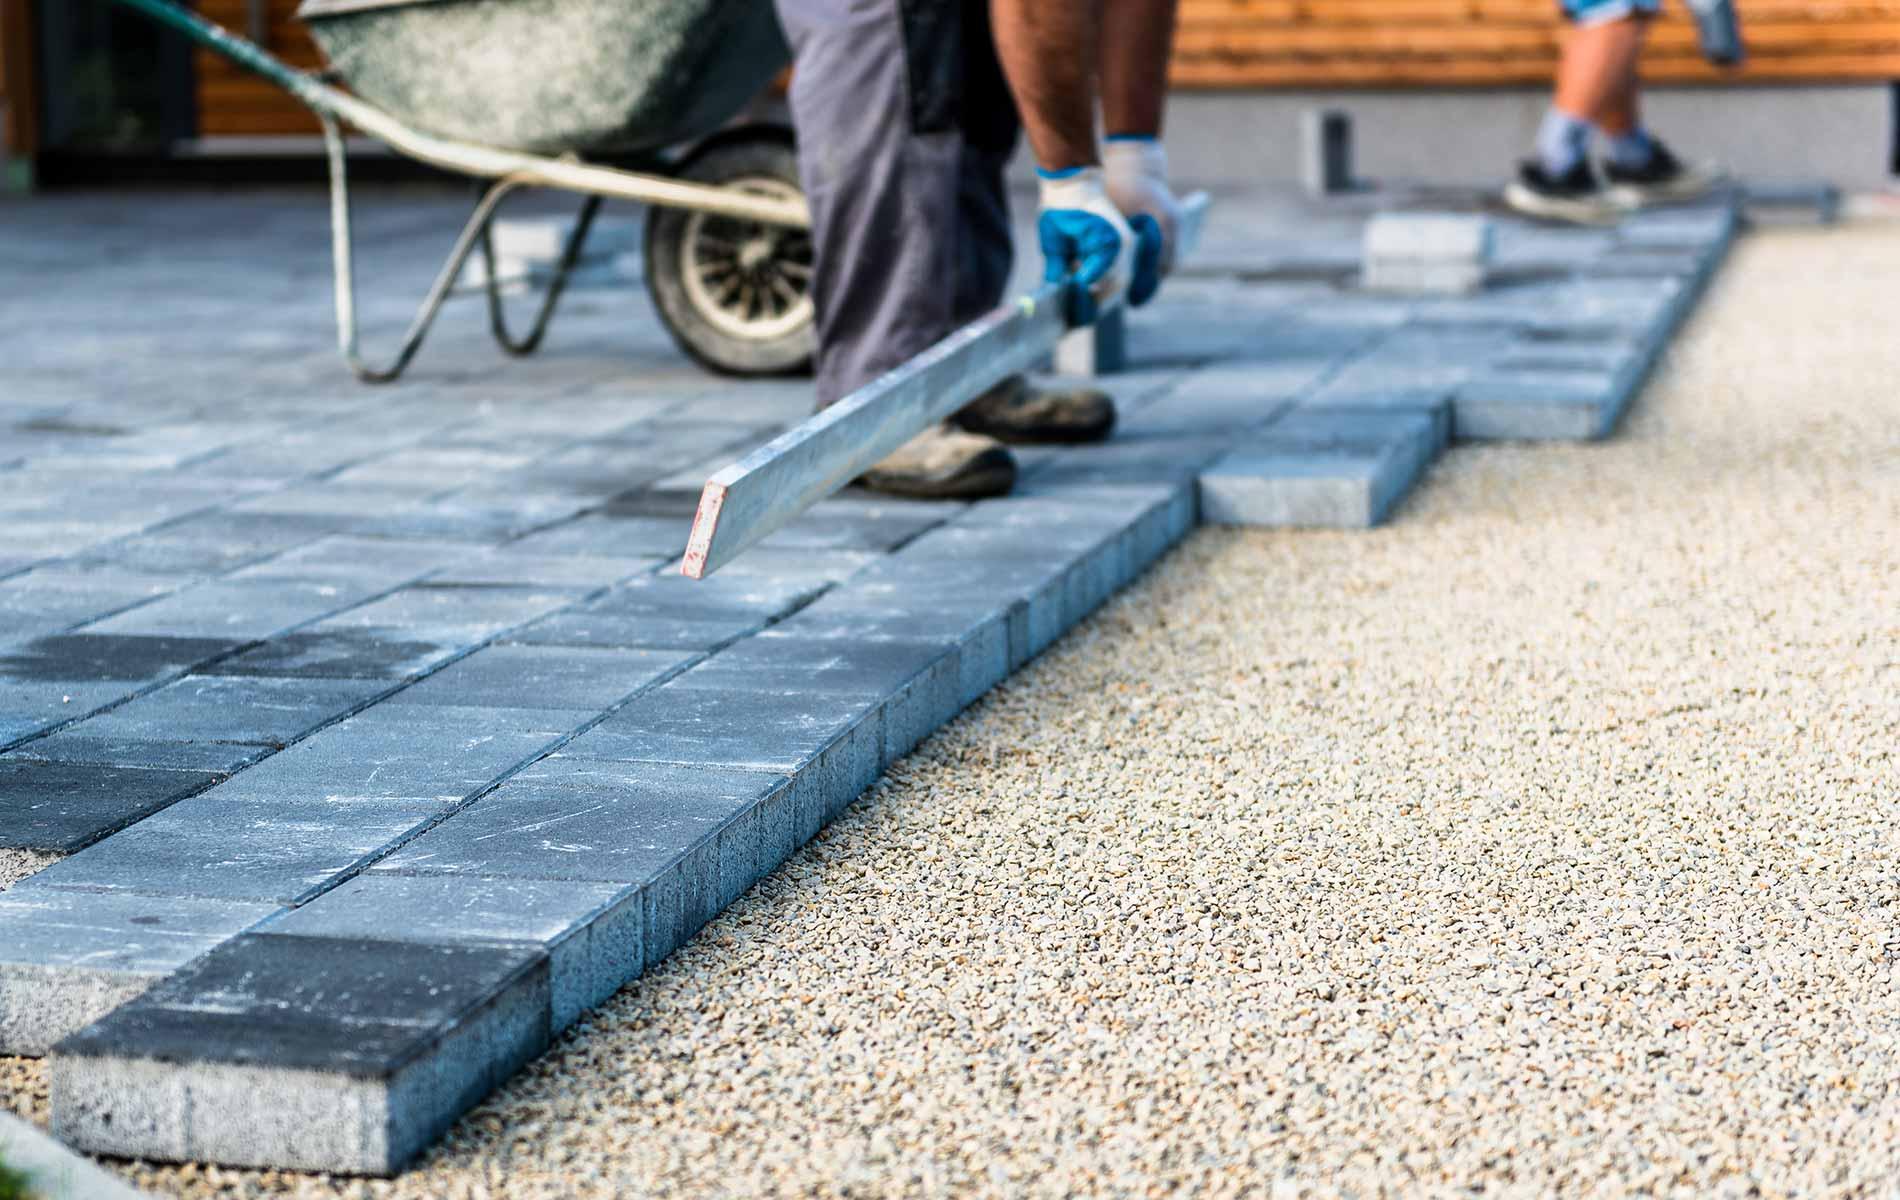 Brickwork-is-weather-resistant